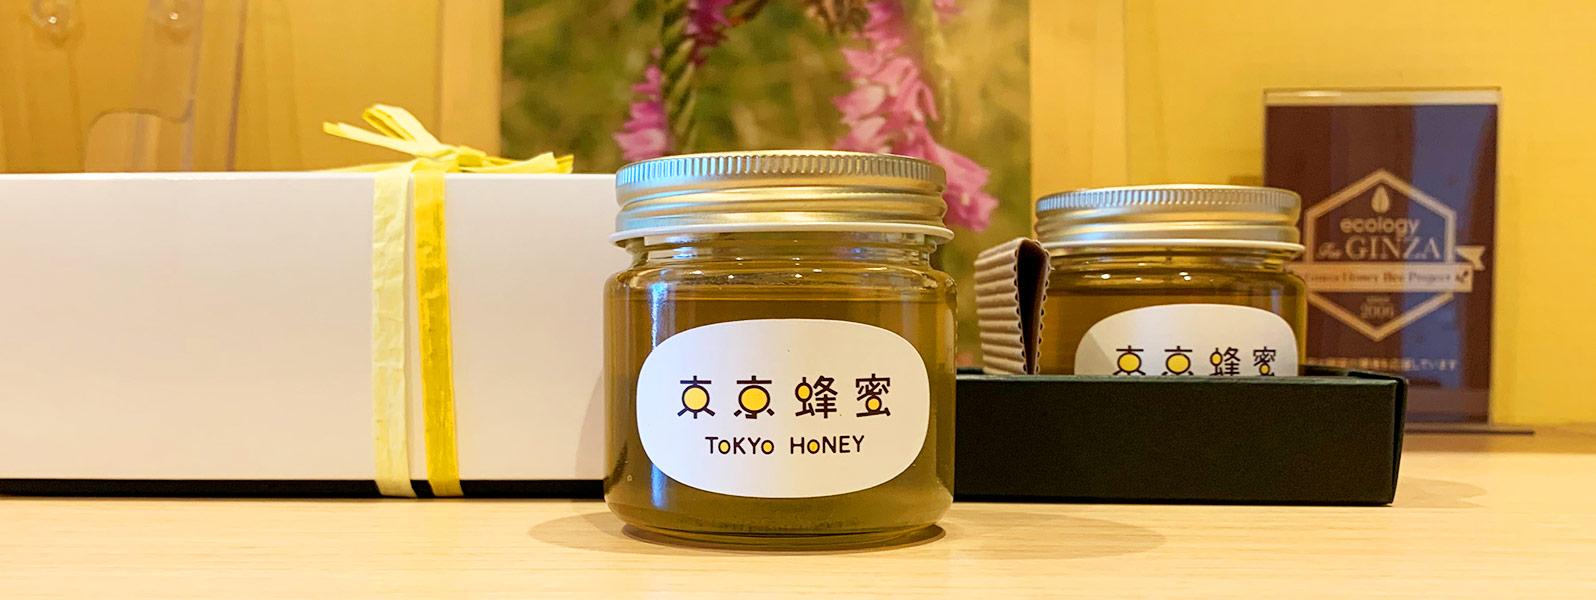 東京蜂蜜 - TOKYO HONEY - ギフトボックス